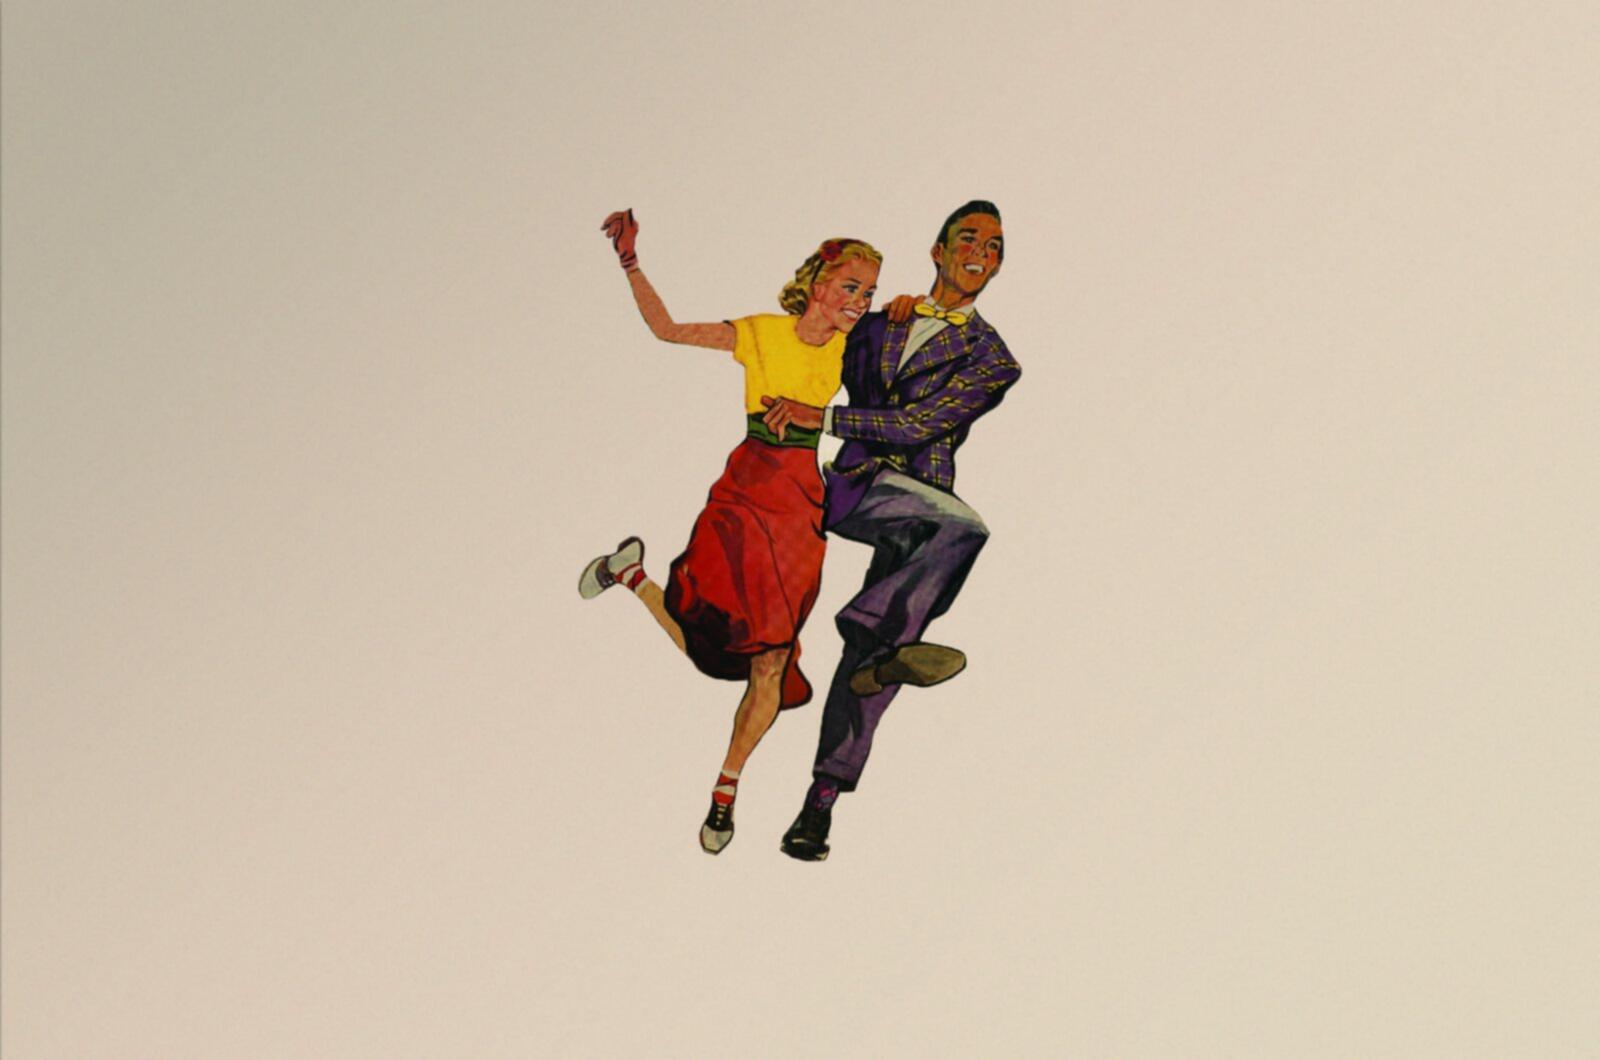 Danseurs swing vintage